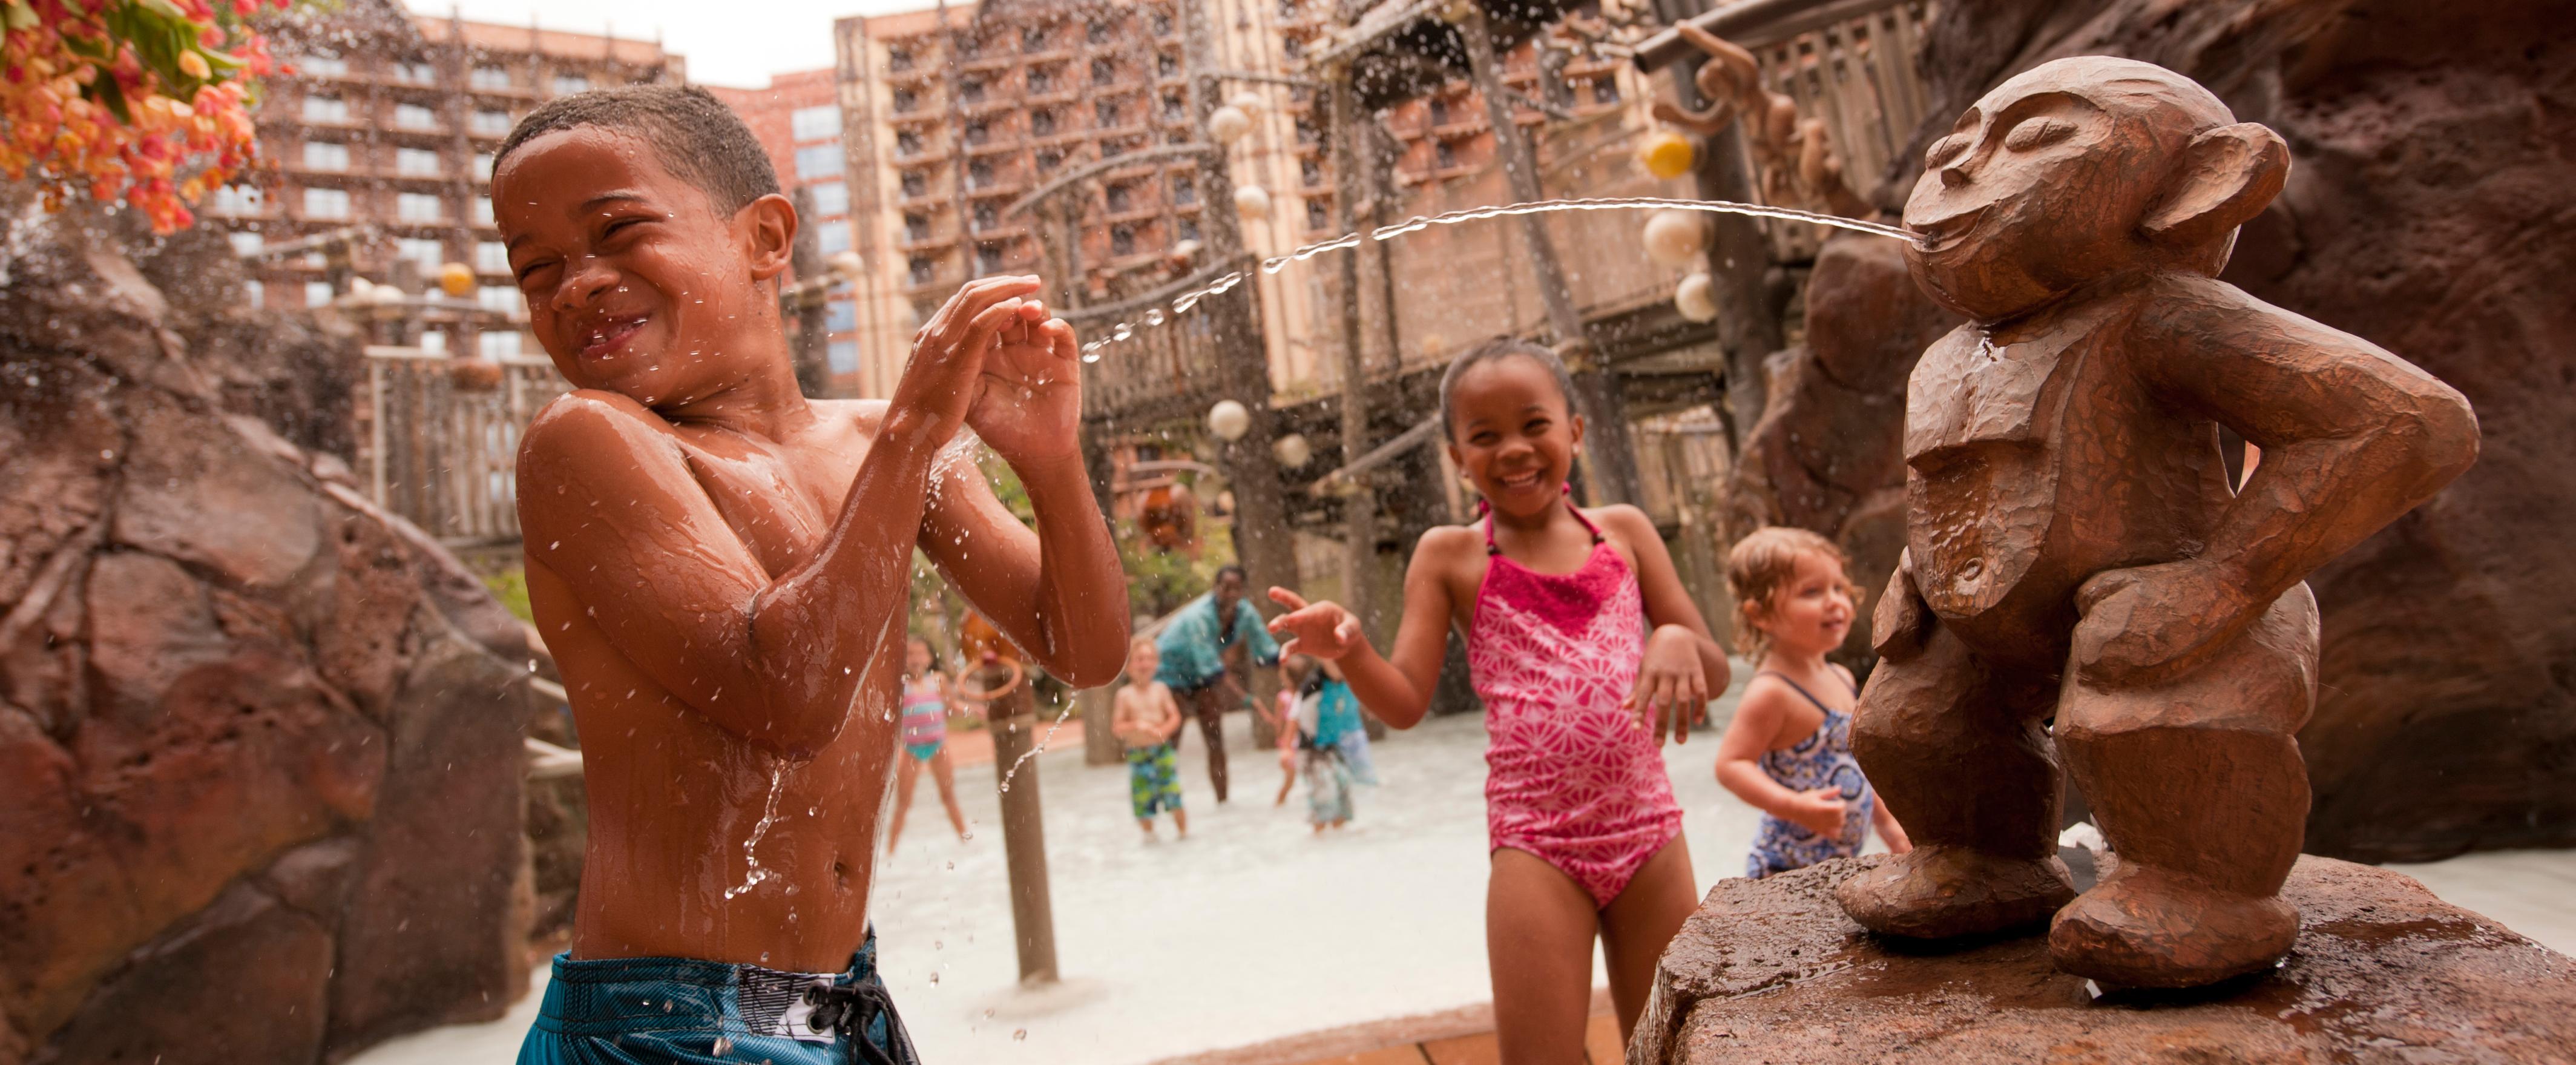 Kids play at Menehune Bridge in the Aulani Resort pool area